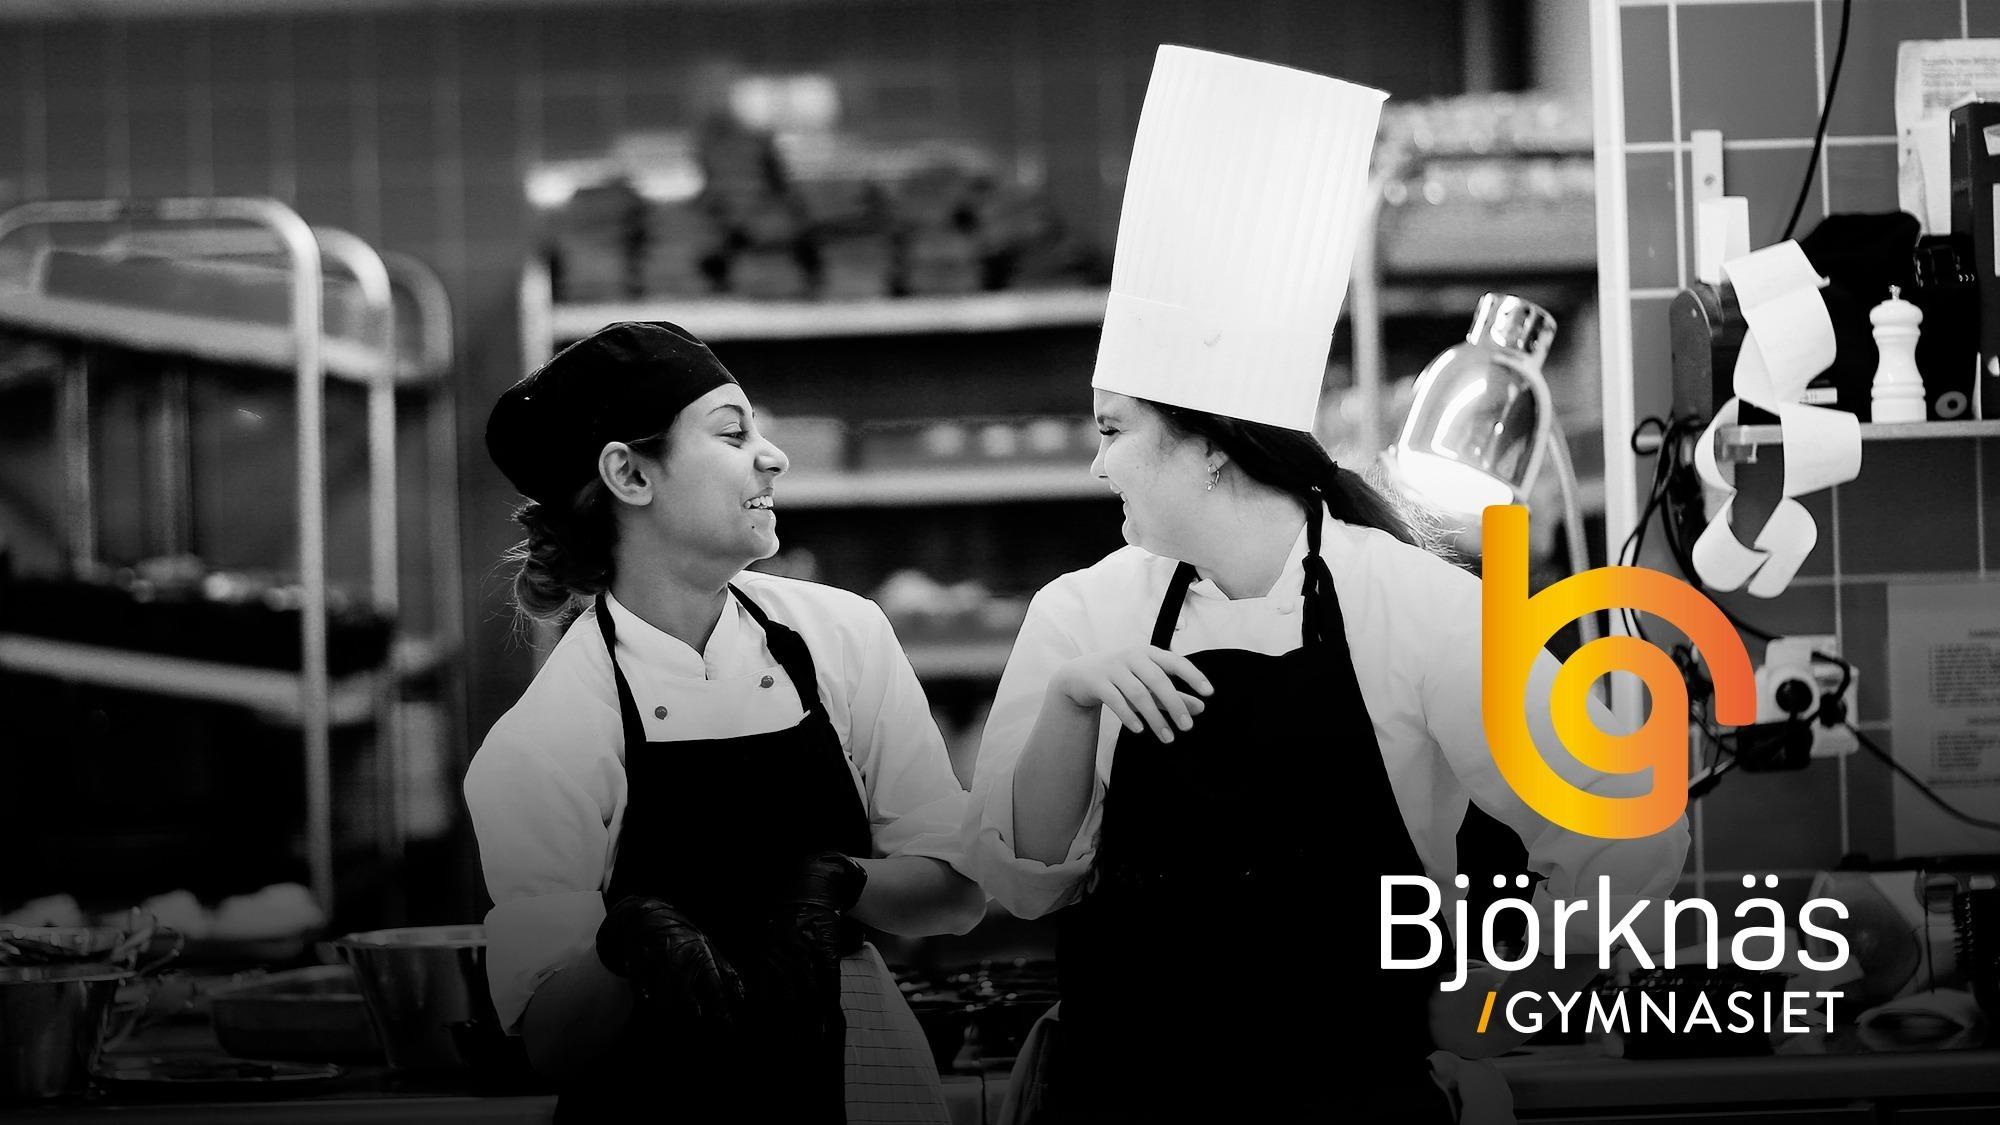 Två tjejer som går restaurang och livsprogrammet som står och skrattar i kockkläder i köket.